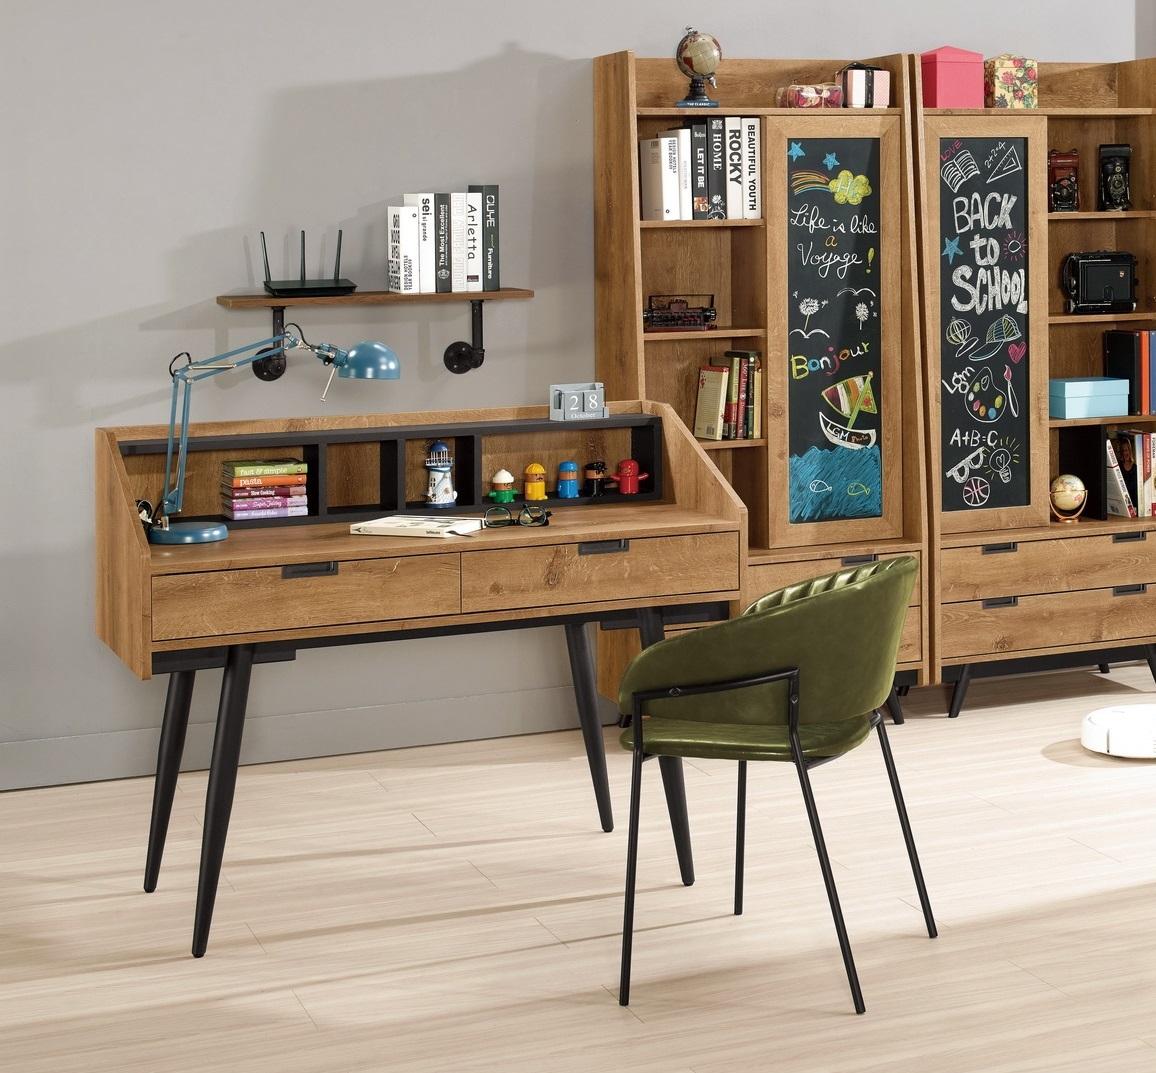 357-1 摩德納4尺書桌.jpg